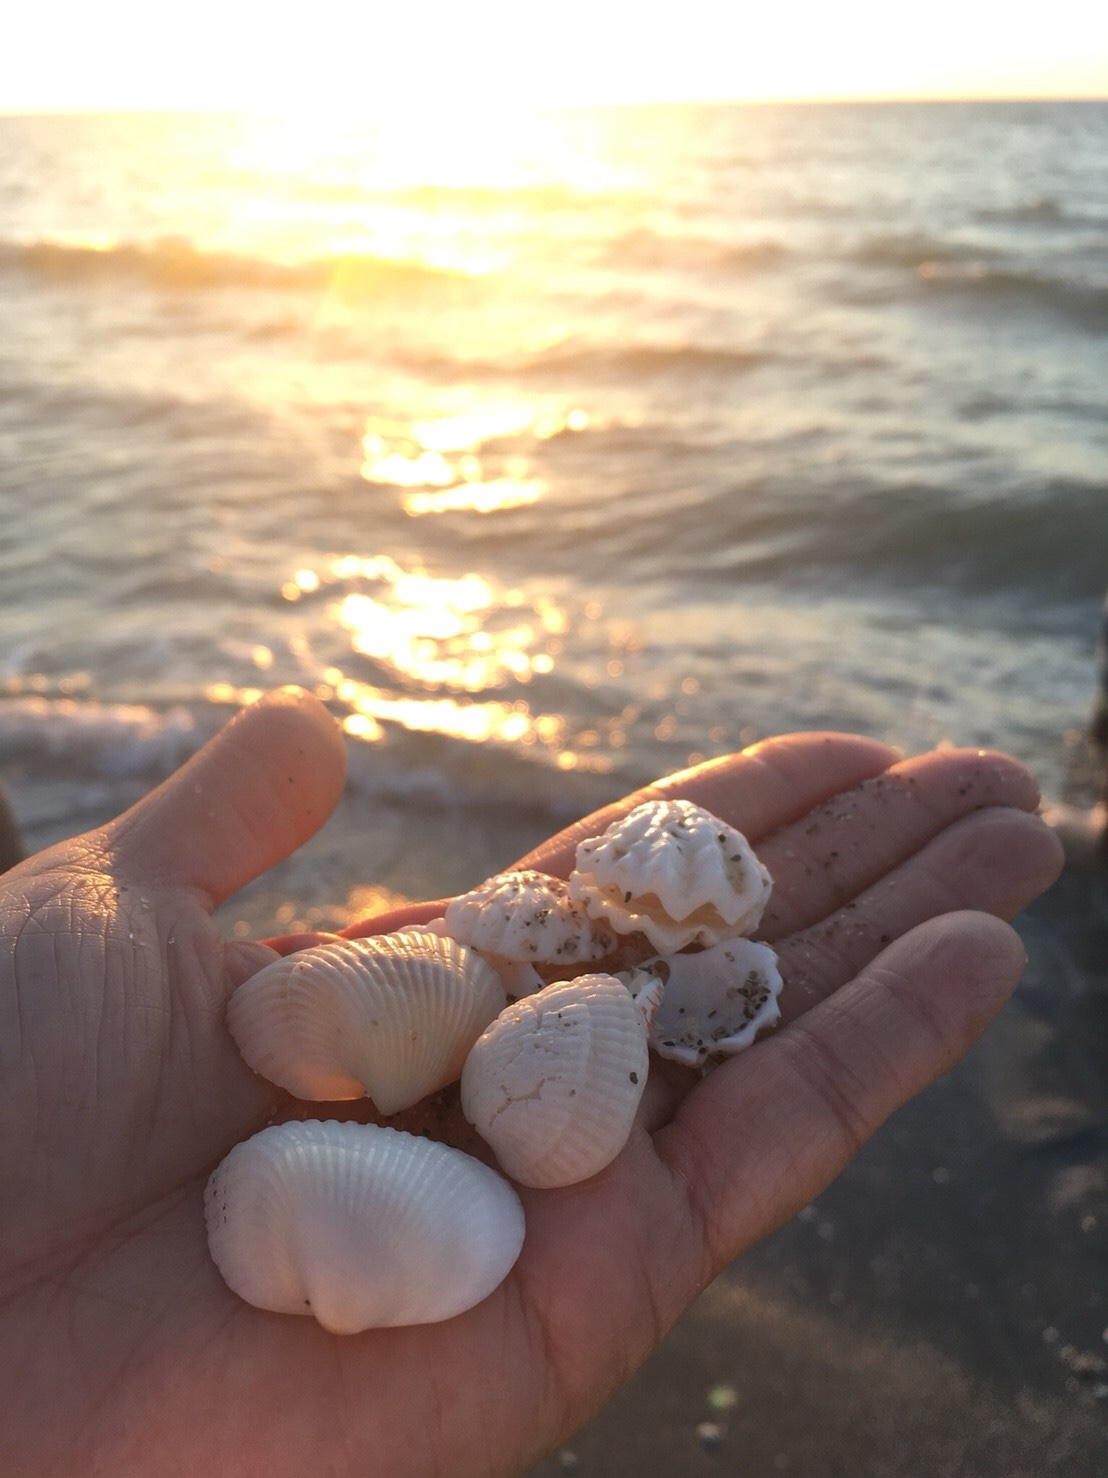 フロリダ州にある世界三大シェルビーチを堪能